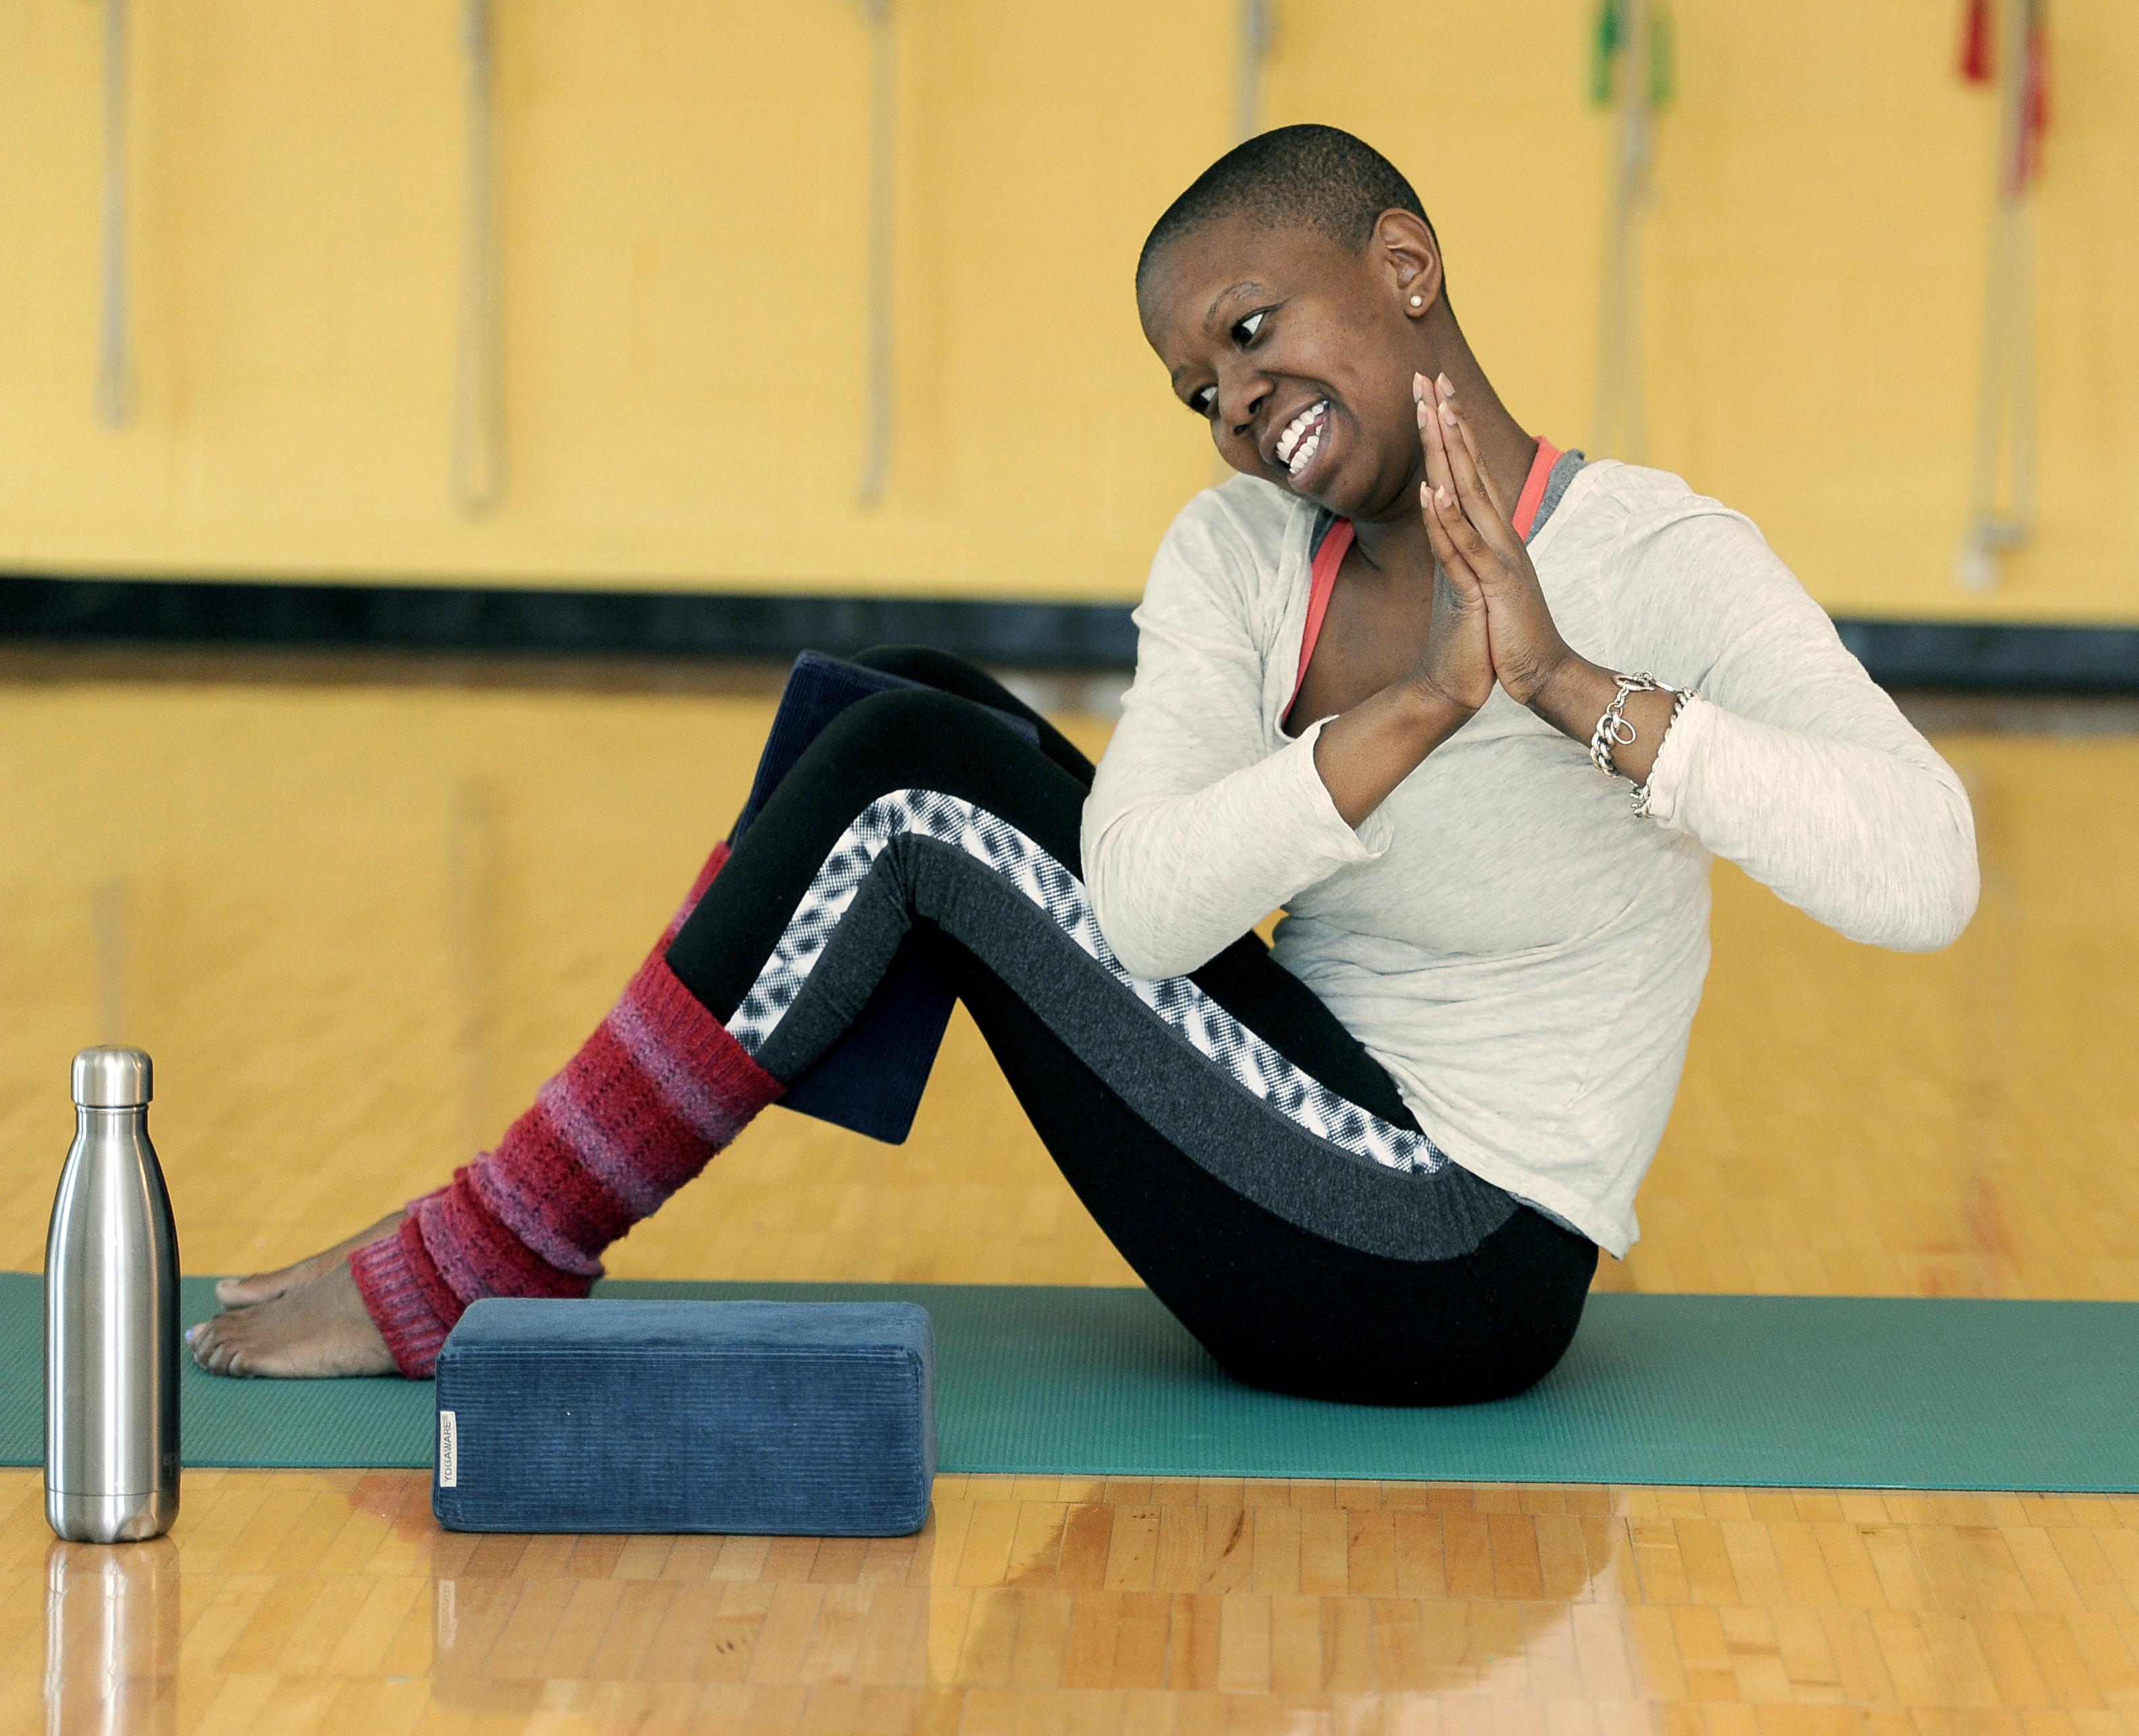 Ann Arbor YMCA Teen Yoga Class, Monday, January 18, 2016.